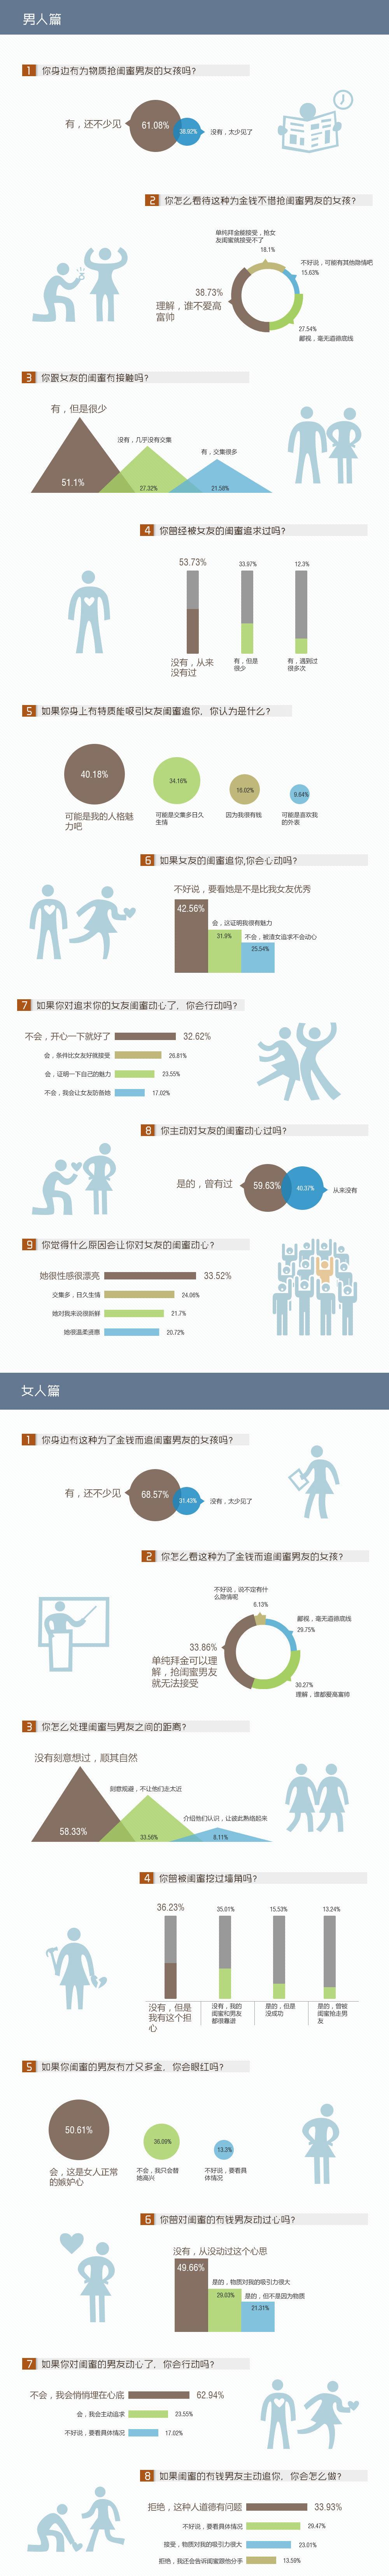 中国式拜金闺蜜调查图表